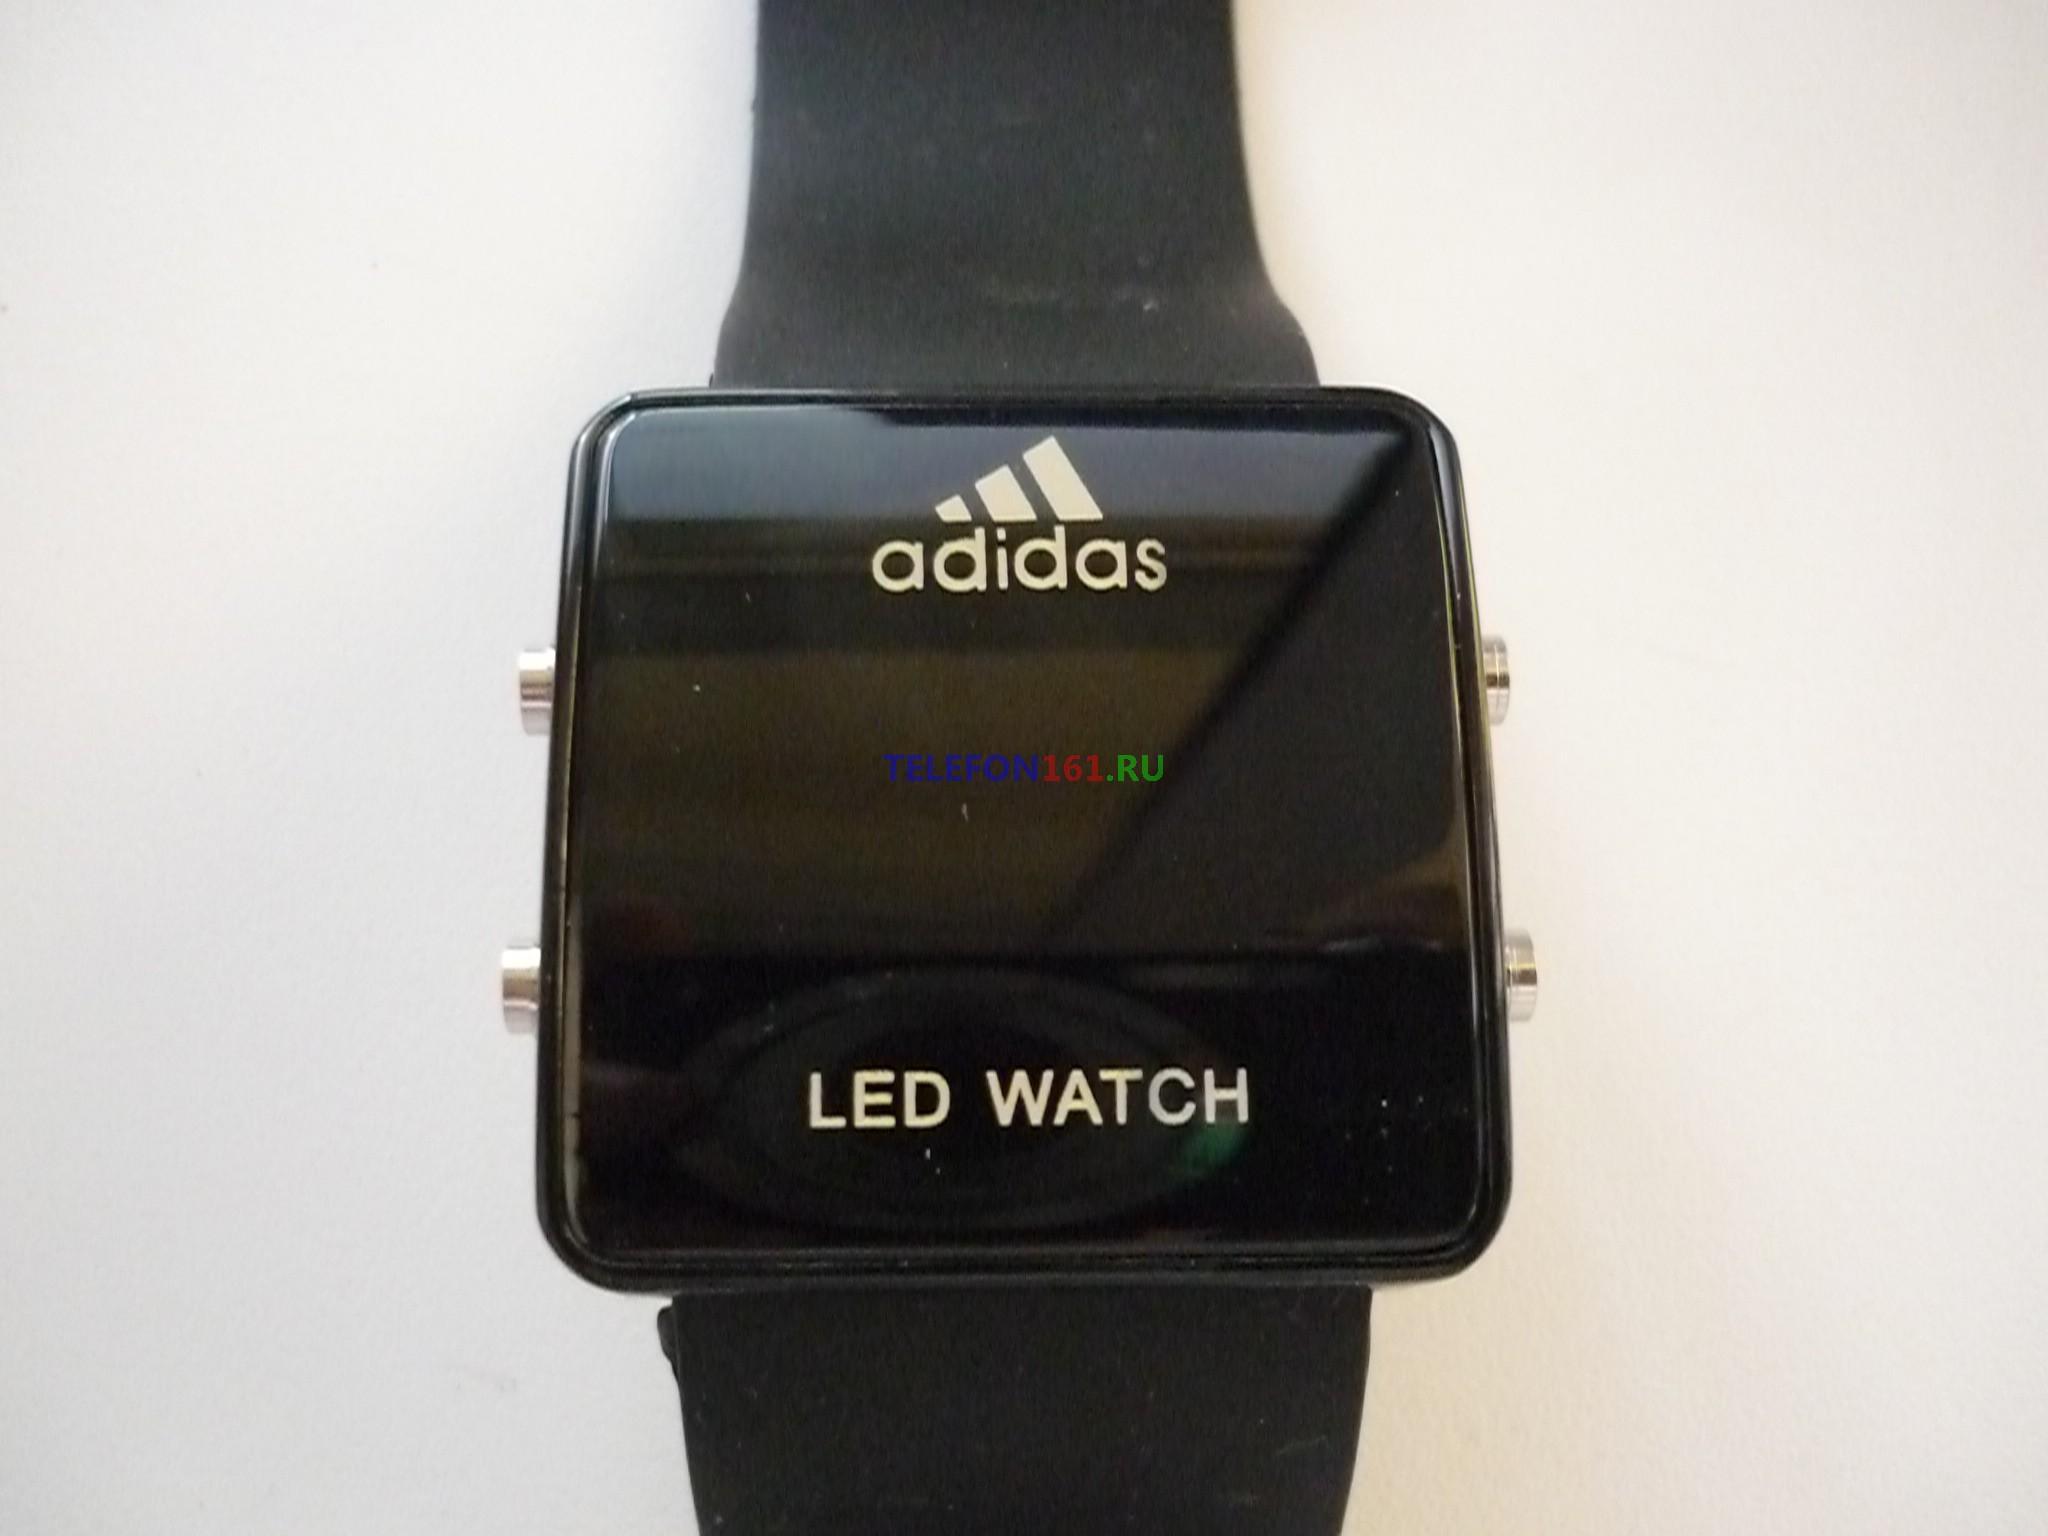 """часы Adidas LED Часы светодиодные """"Adidas"""" с подсветкой LED (черные)"""